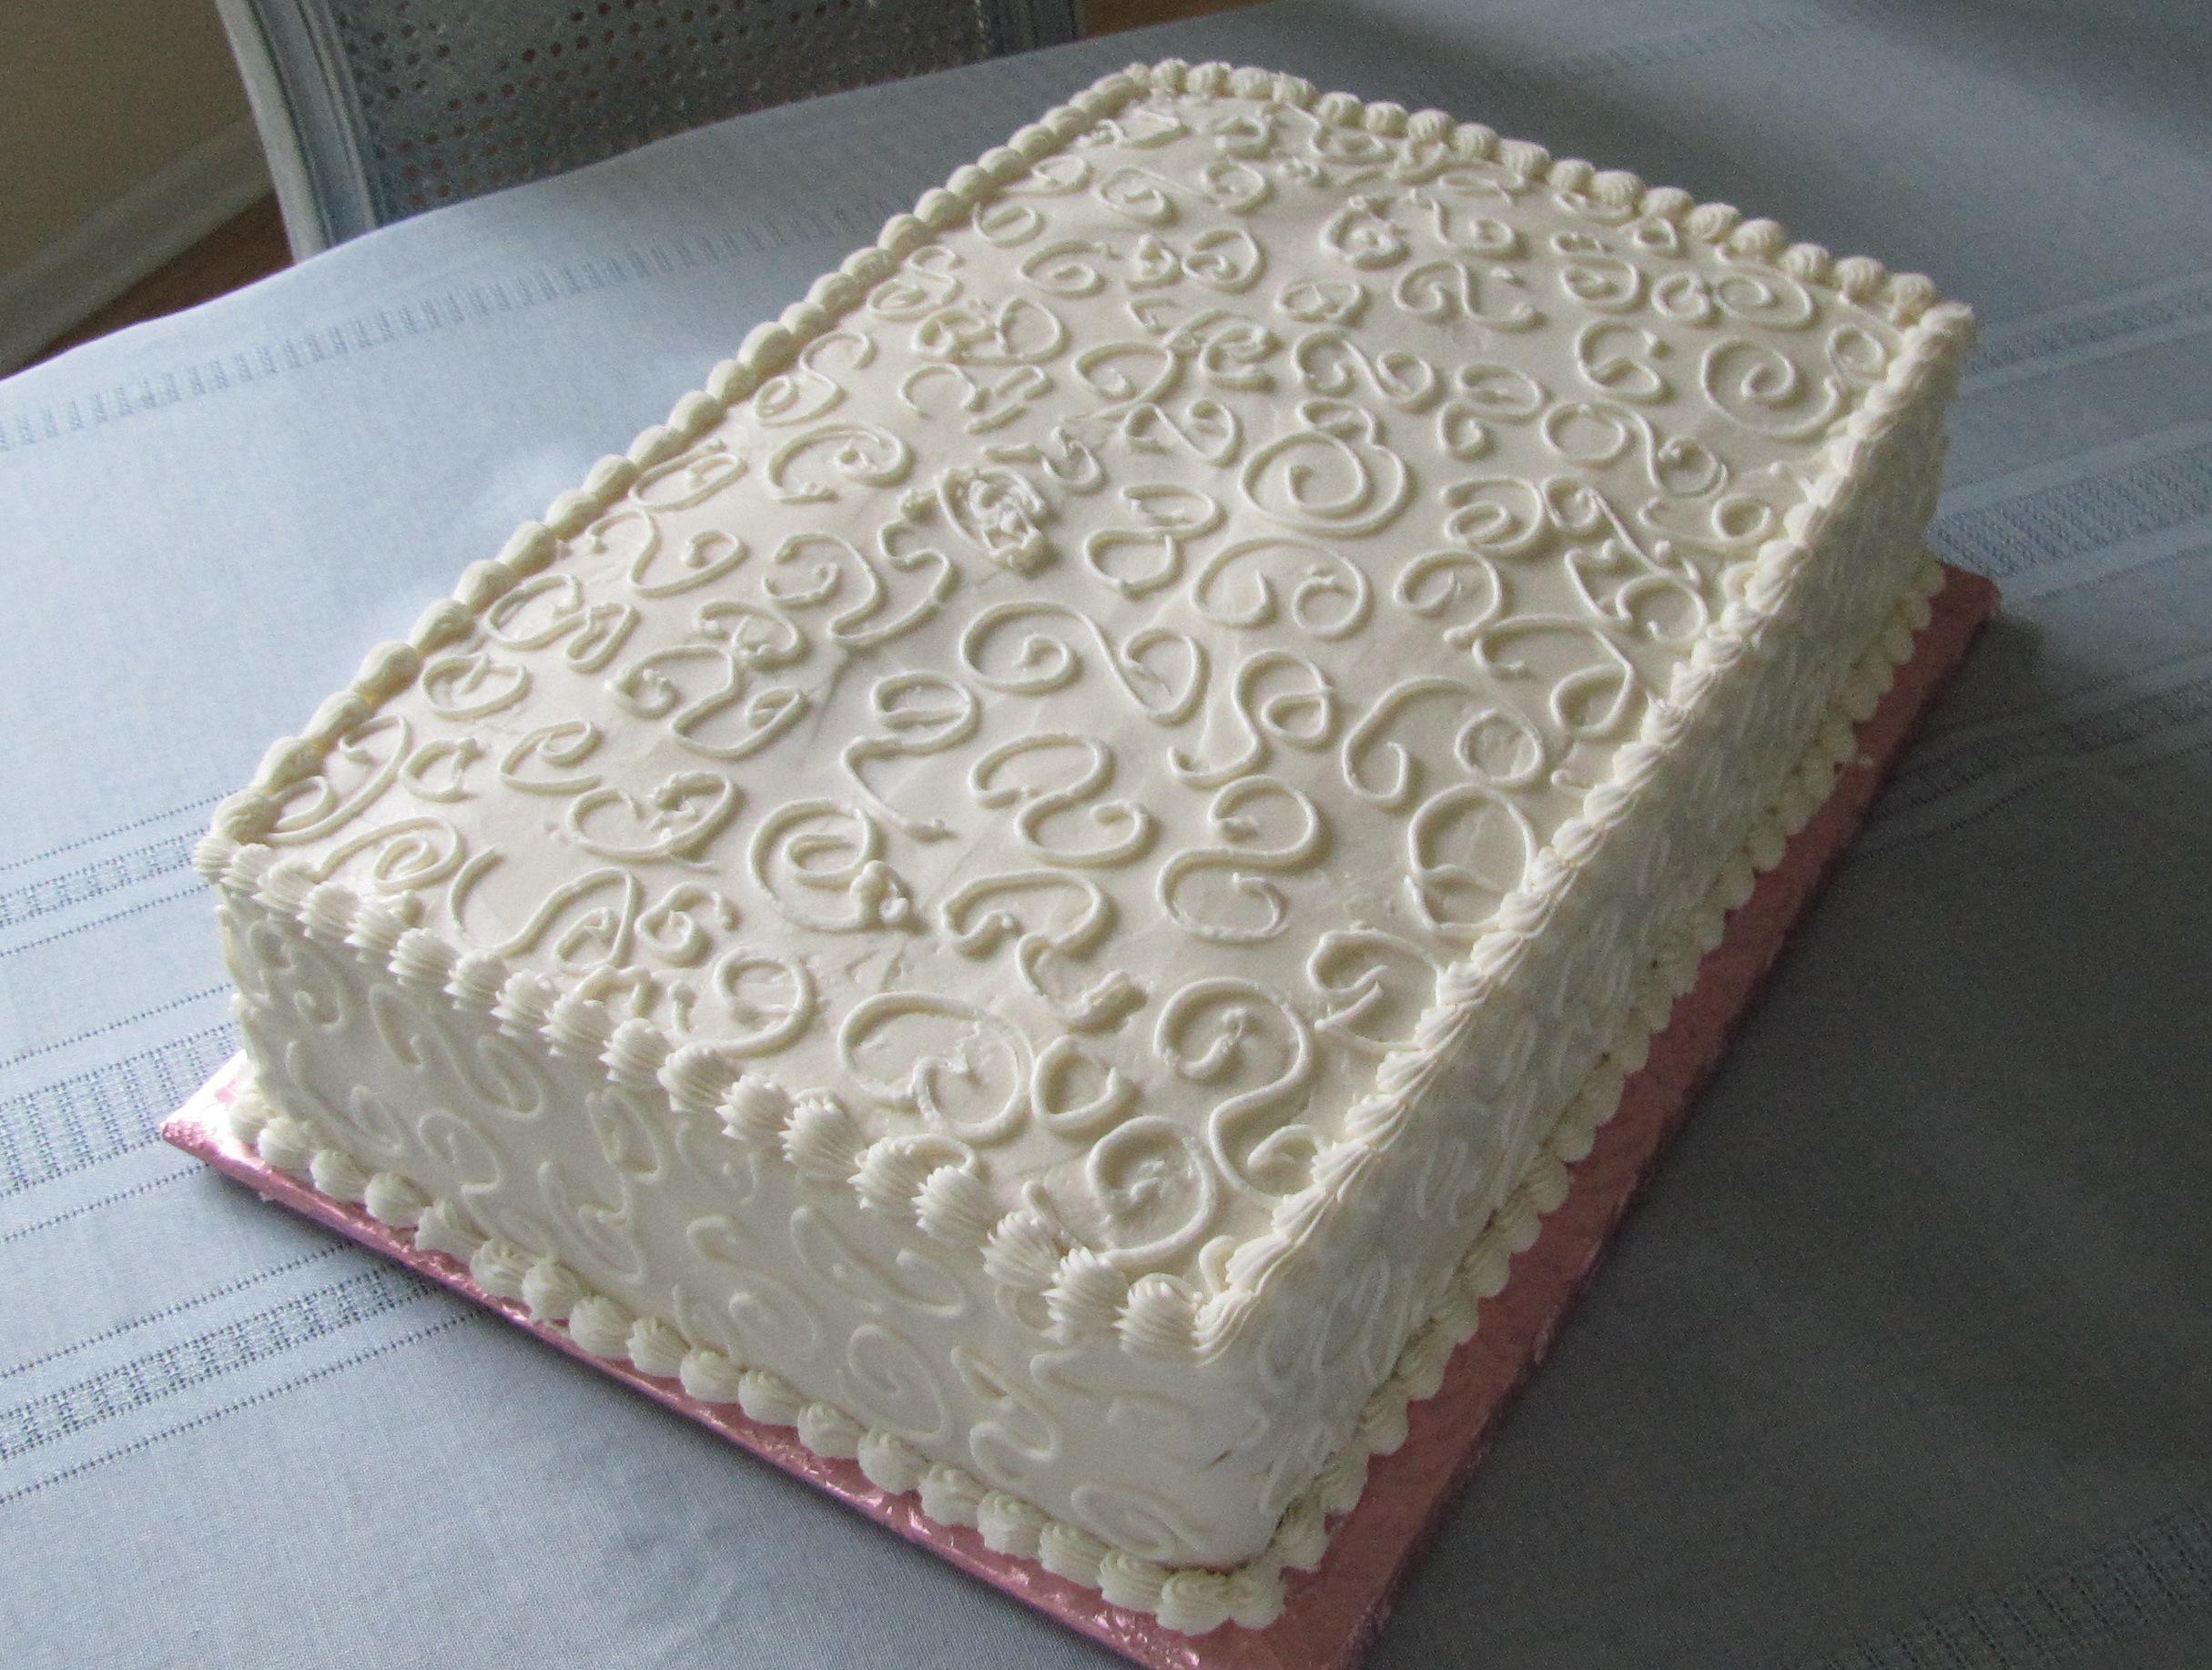 7 Plain Wedding Sheet Cakes Photo - Wedding Sheet Cake, Wedding ...